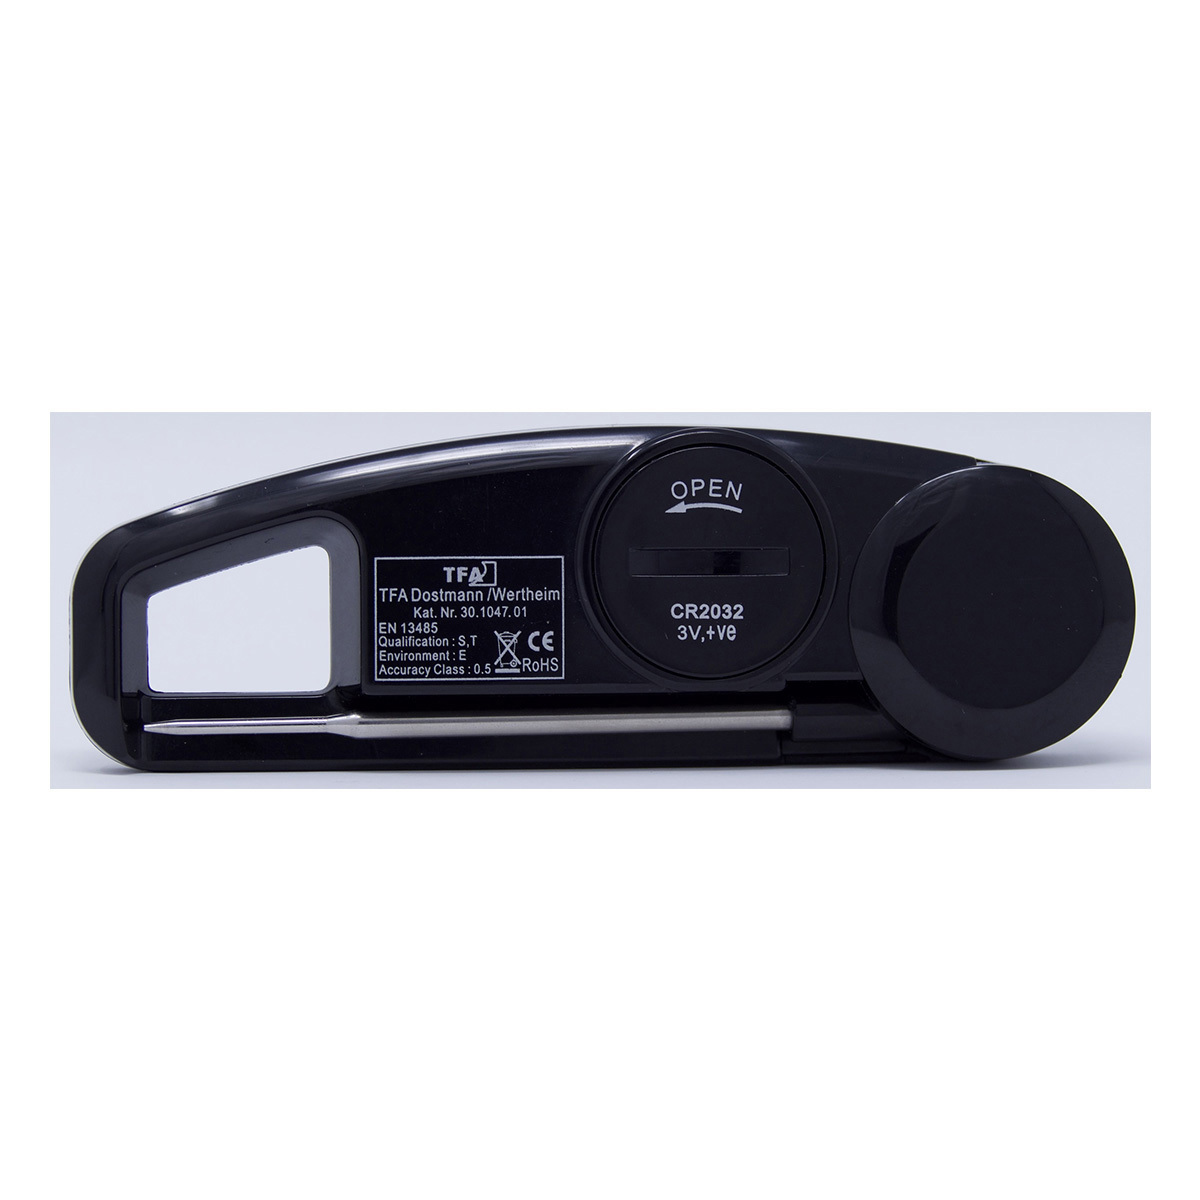 30-1047-01-digitales-einstich-thermometer-thermo-jack-ansicht1-1200x1200px.jpg